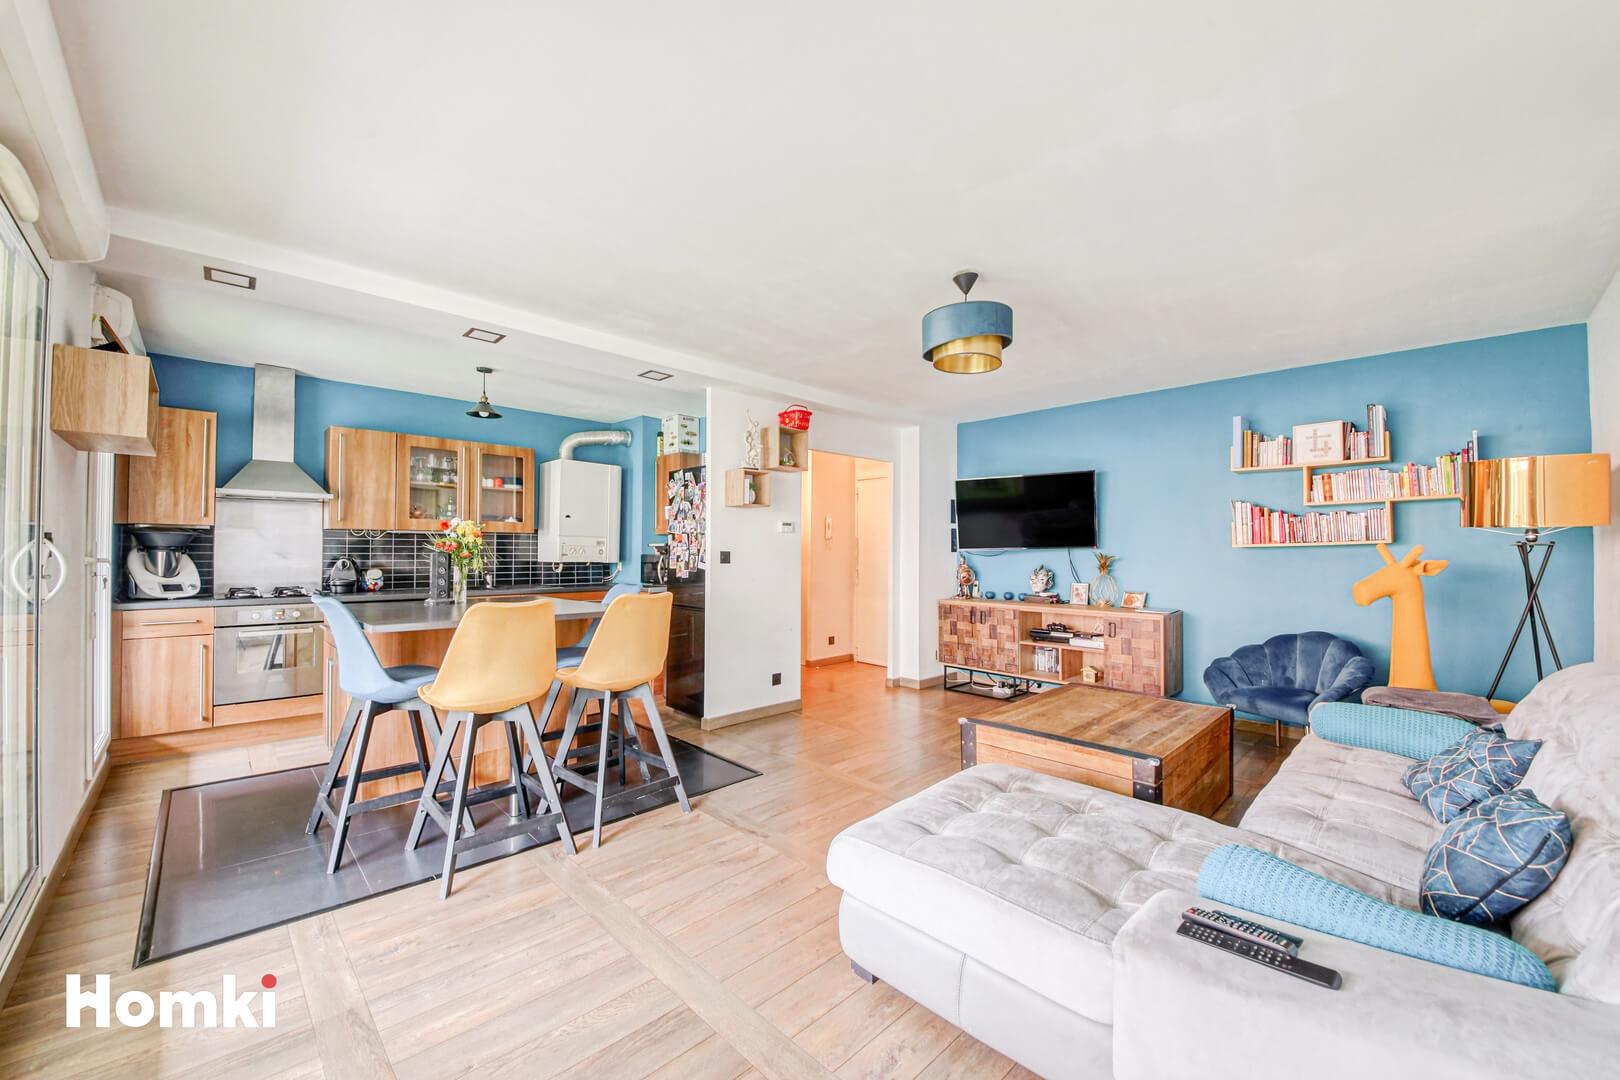 Homki - Vente Appartement  de 85.0 m² à Marseille 13013